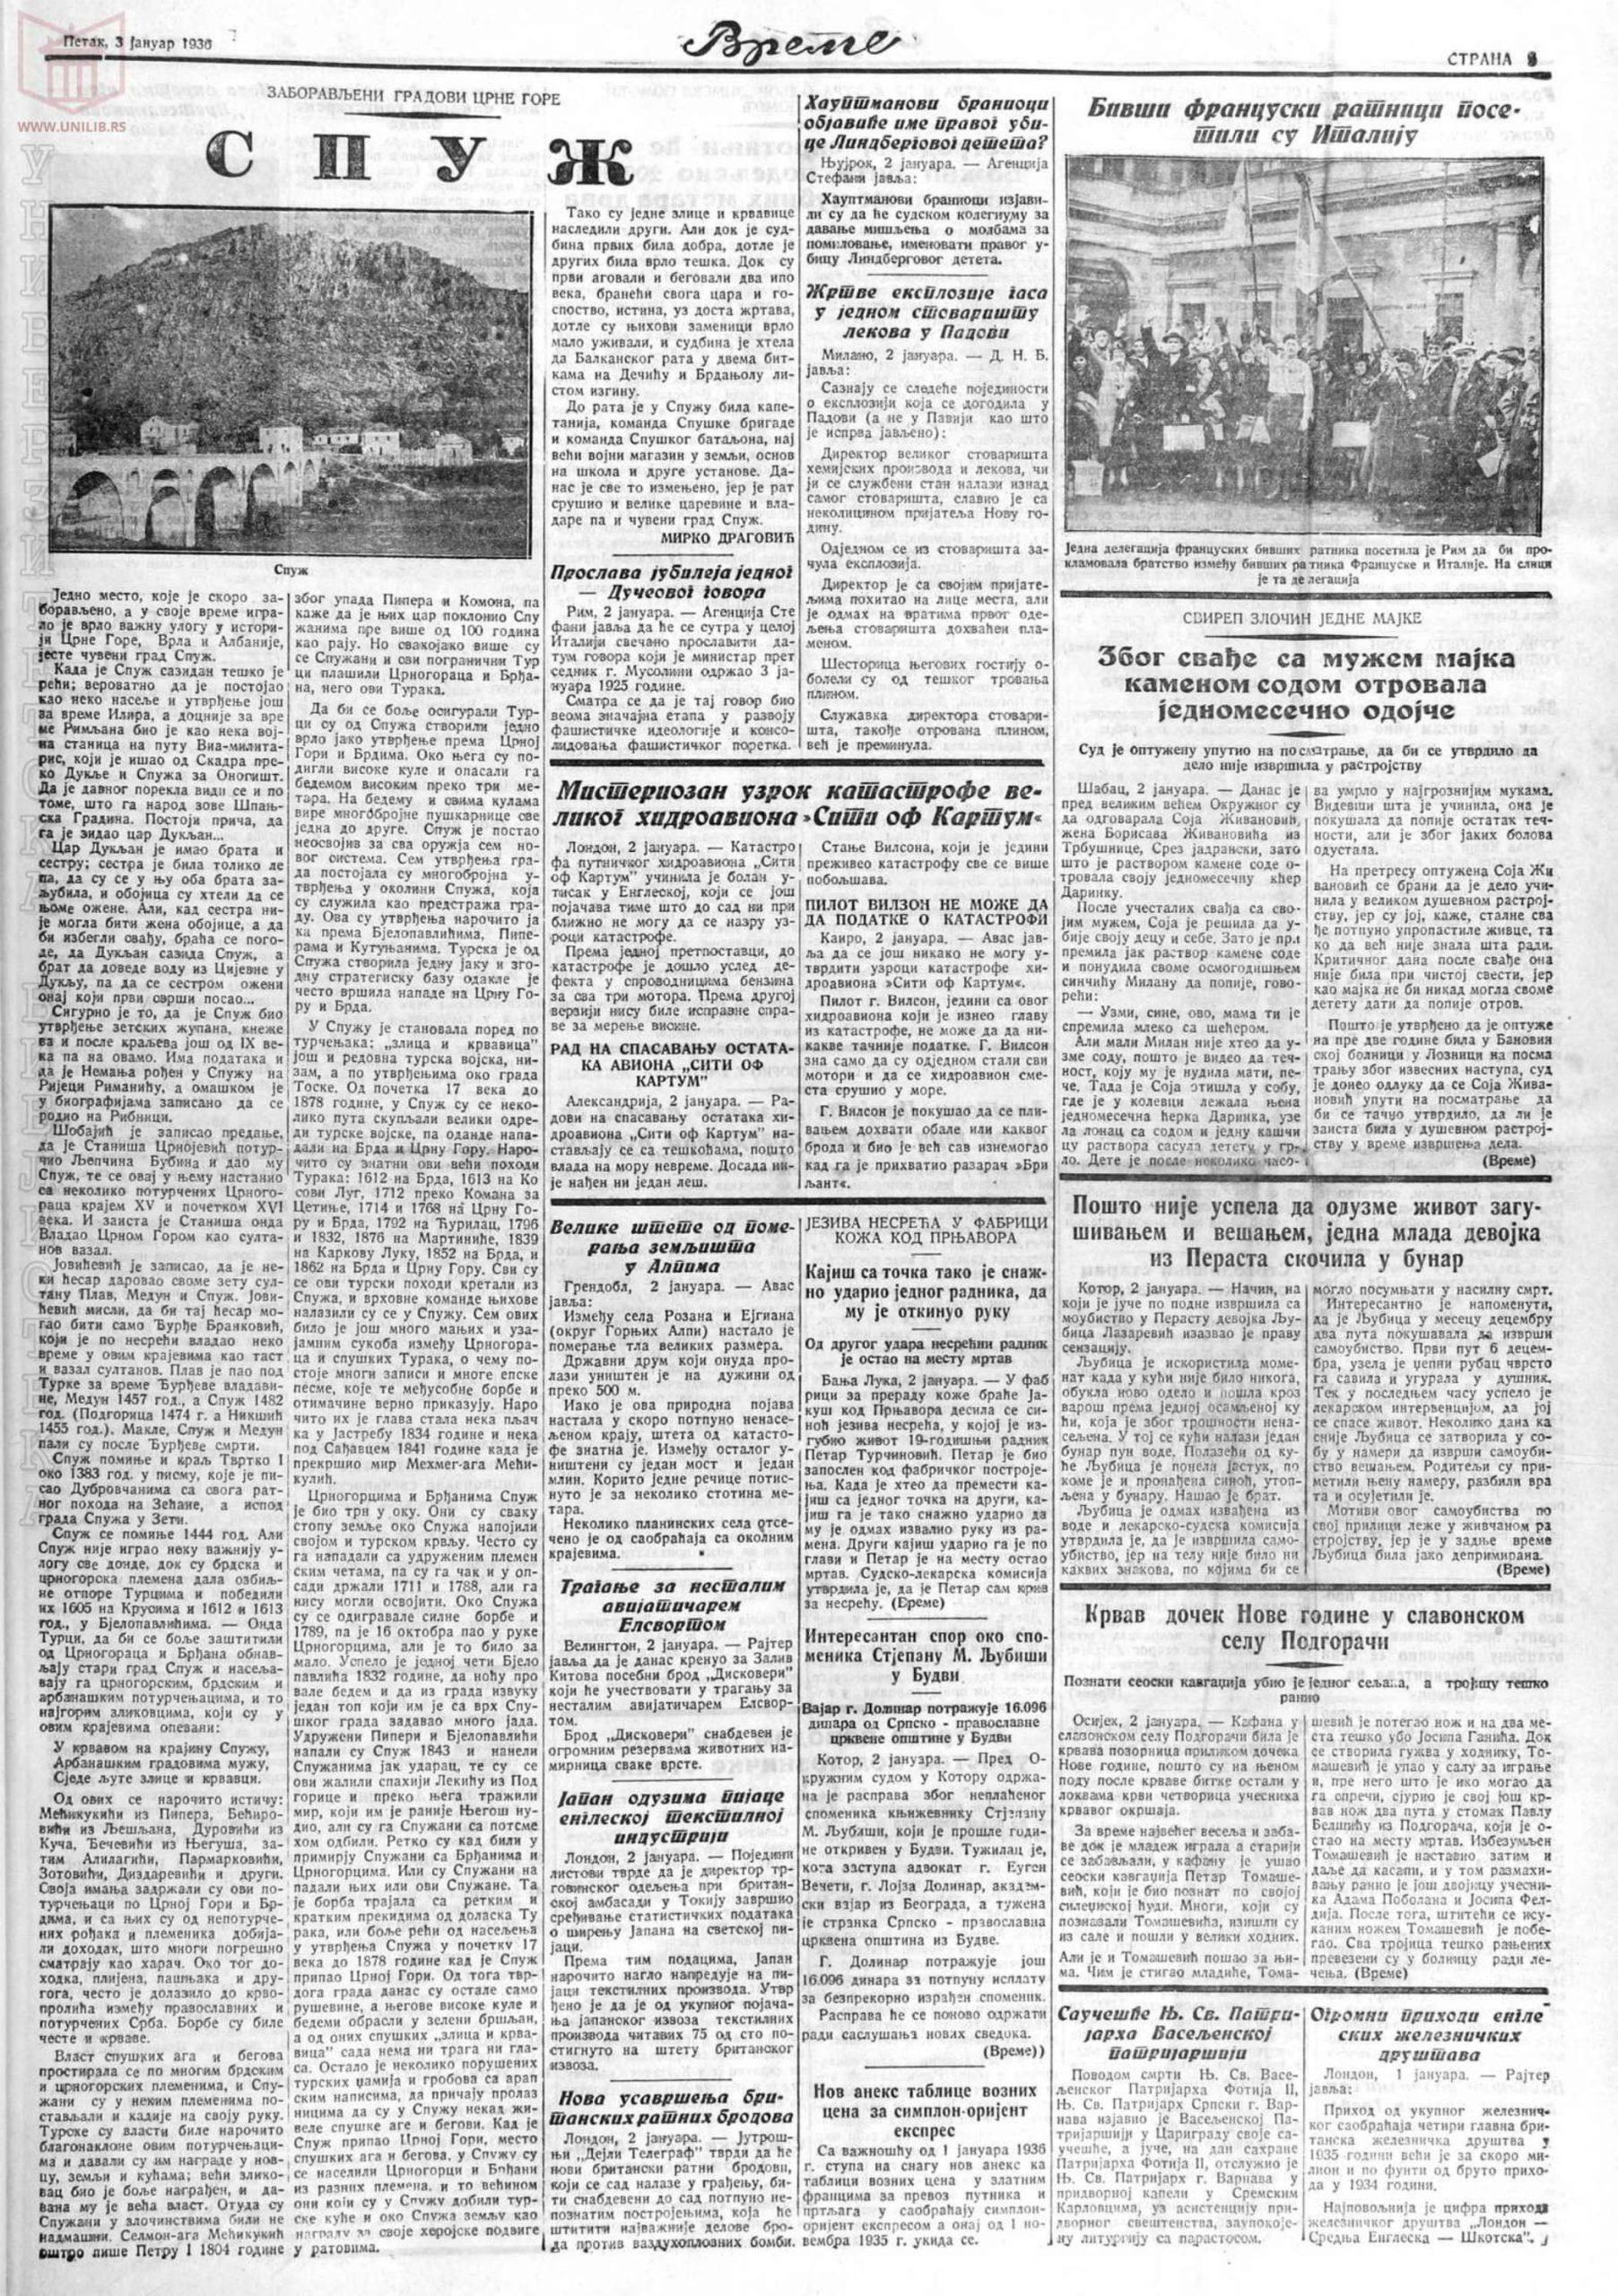 Vreme 03.01.1936 p5-1